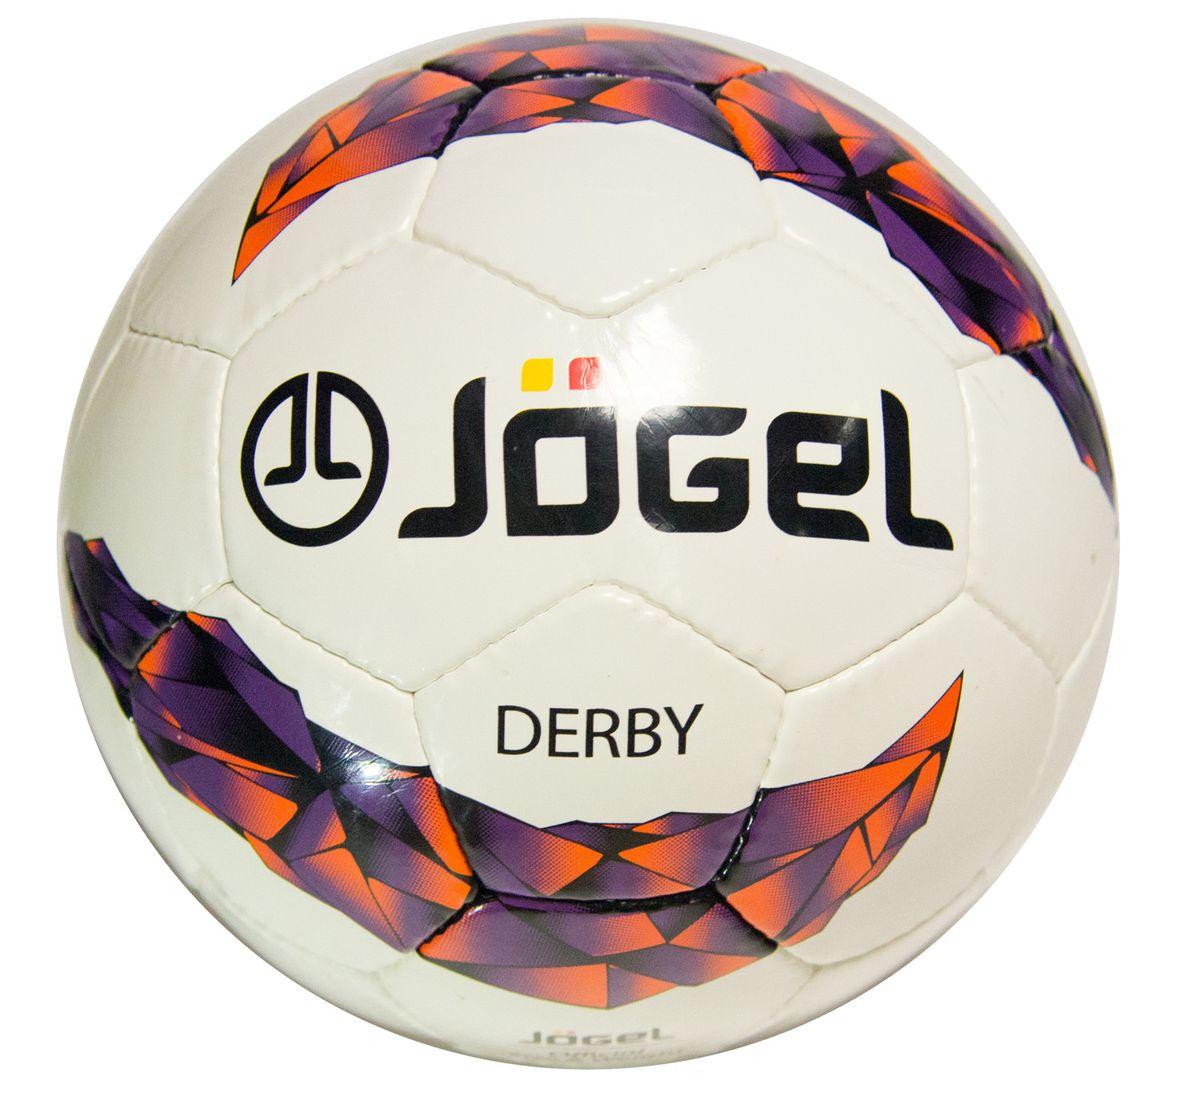 Мяч футбольный Jogel Derby, цвет: белый, сиреневый, оранжевый, черный. Размер 3. JS-500УТ-00009474Название: Мяч футбольный Jgel JS-500 Derby №3 Категория: Тренировочный мяч Коллекция: 2016/2017 Описание: Jogel JS-500 Derby классический тренировочный мяч ручной сшивки, один из самых популярных в текущей коллекции Jogel. Его отличительными особенностями являются прекрасные технические характеристики, соответствующие требованиям тренировочного процесса, и разумная цена. Размер №3 предназначается для тренировок детей в возрасте до 8 лет. Данный мяч рекомендован для тренировок и тренировочных игр клубных и любительских команд. Поверхность мяча выполнена из глянцевой синтетической кожи (полиуретан) толщиной 1,0 мм. Мяч имеет 4 подкладочных слоя на нетканой основе (смесь хлопка с полиэстером) и оснащен латексной камерой с бутиловым ниппелем, обеспечивающим долгое сохранение воздуха в камере. Уникальной особенностью бренда Jogel является традиционная конструкция мячей из 30 панелей. Привлекательный дизайн Коллекции 2016/2017 ярко выделяет мячи Jogel на витрине. Данный мяч подходит для...